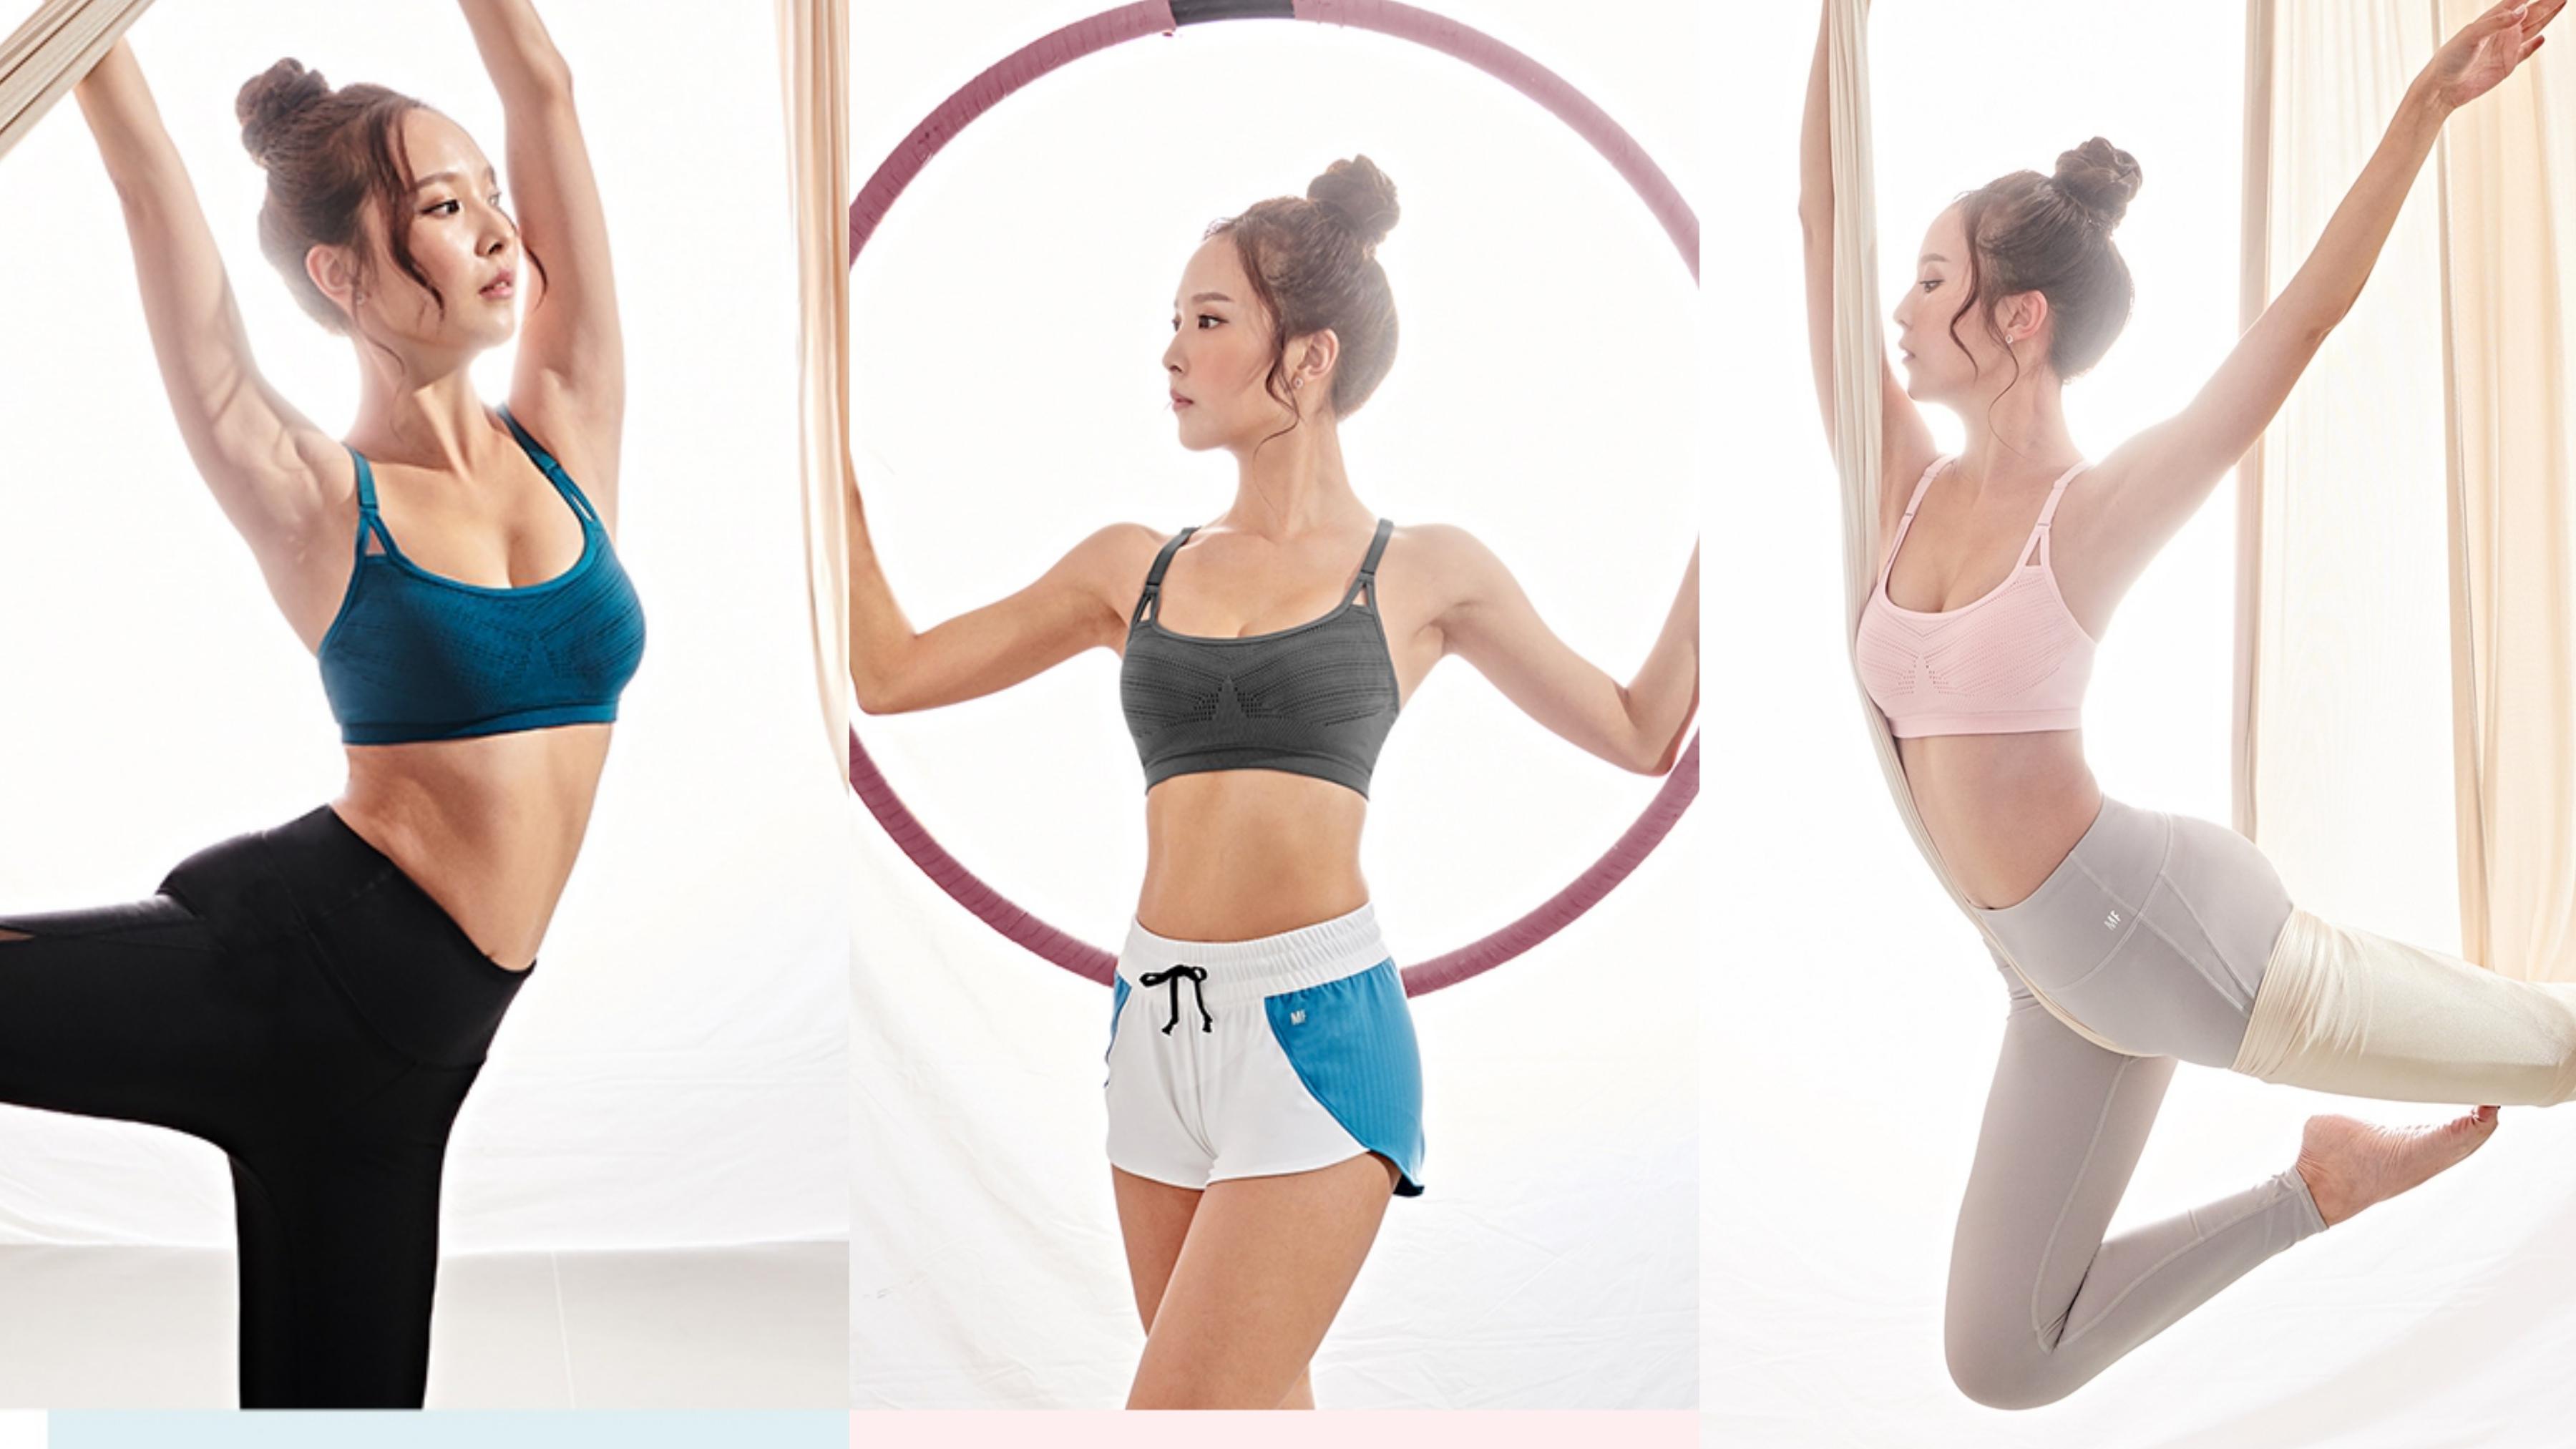 30度固定罩杯襯托完美胸型弧度,加強吸濕排汗,給妳想要的舒適與胸型